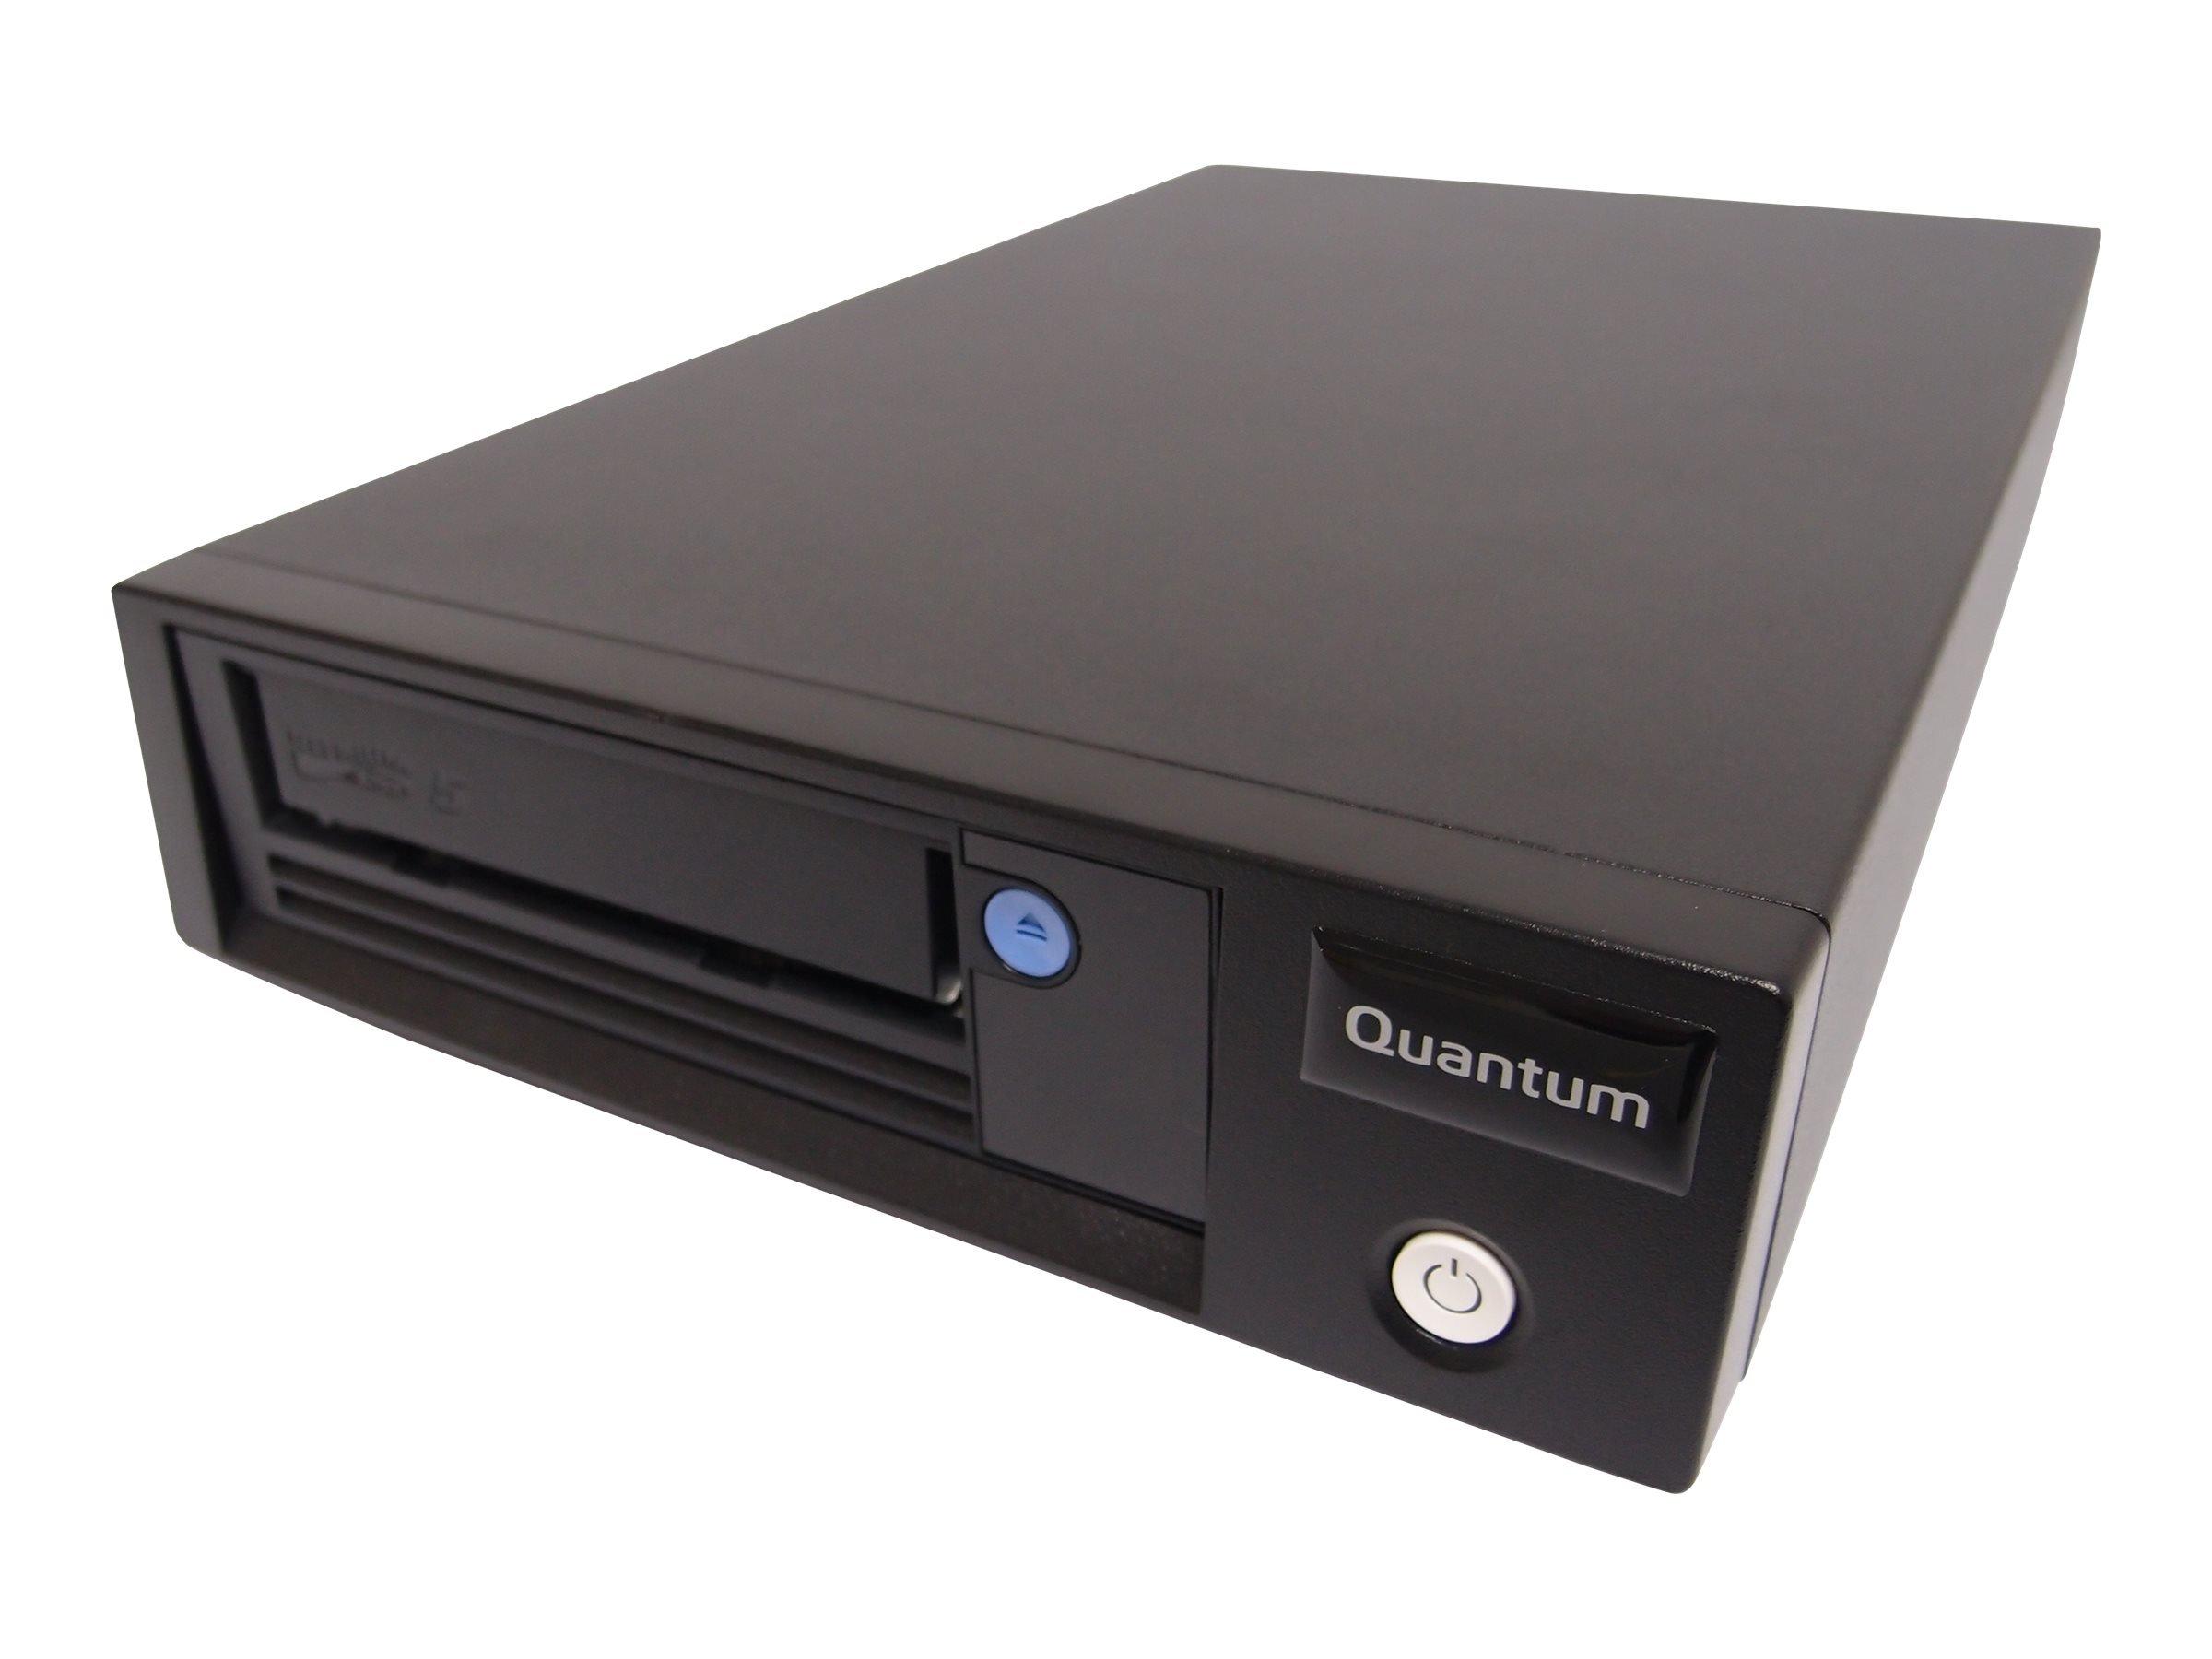 Quantum Tape Drive Components Other TC-L52BN-AR-C, Black by Quantum (Image #1)